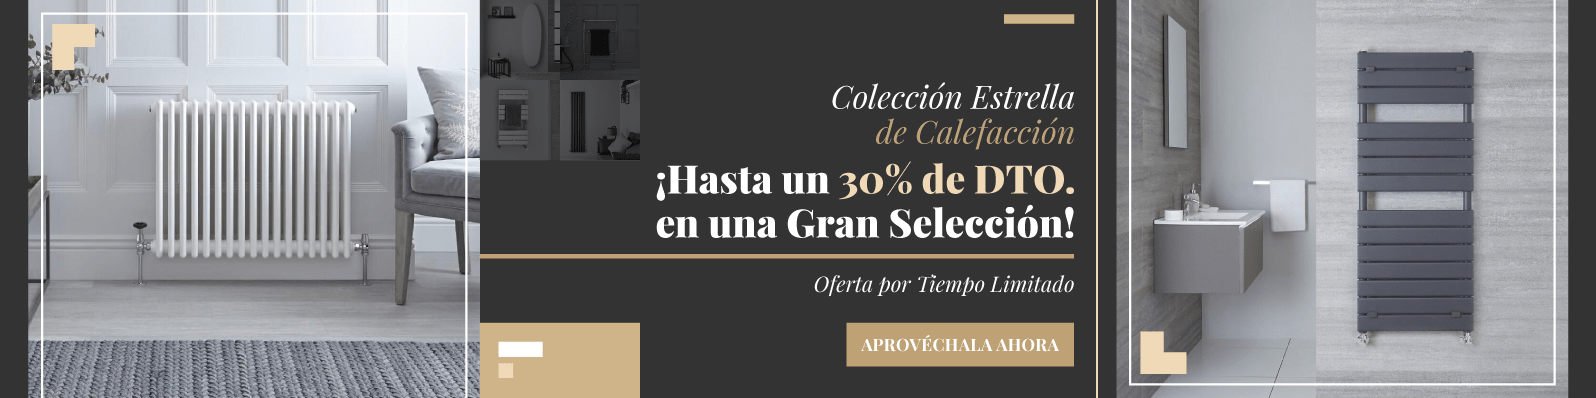 Colección Estrella de Calefacción ¡Hasta un 30% de DTO. en una Gran Selección! Oferta por Tiempo Limitado Aprovéchala Ahora